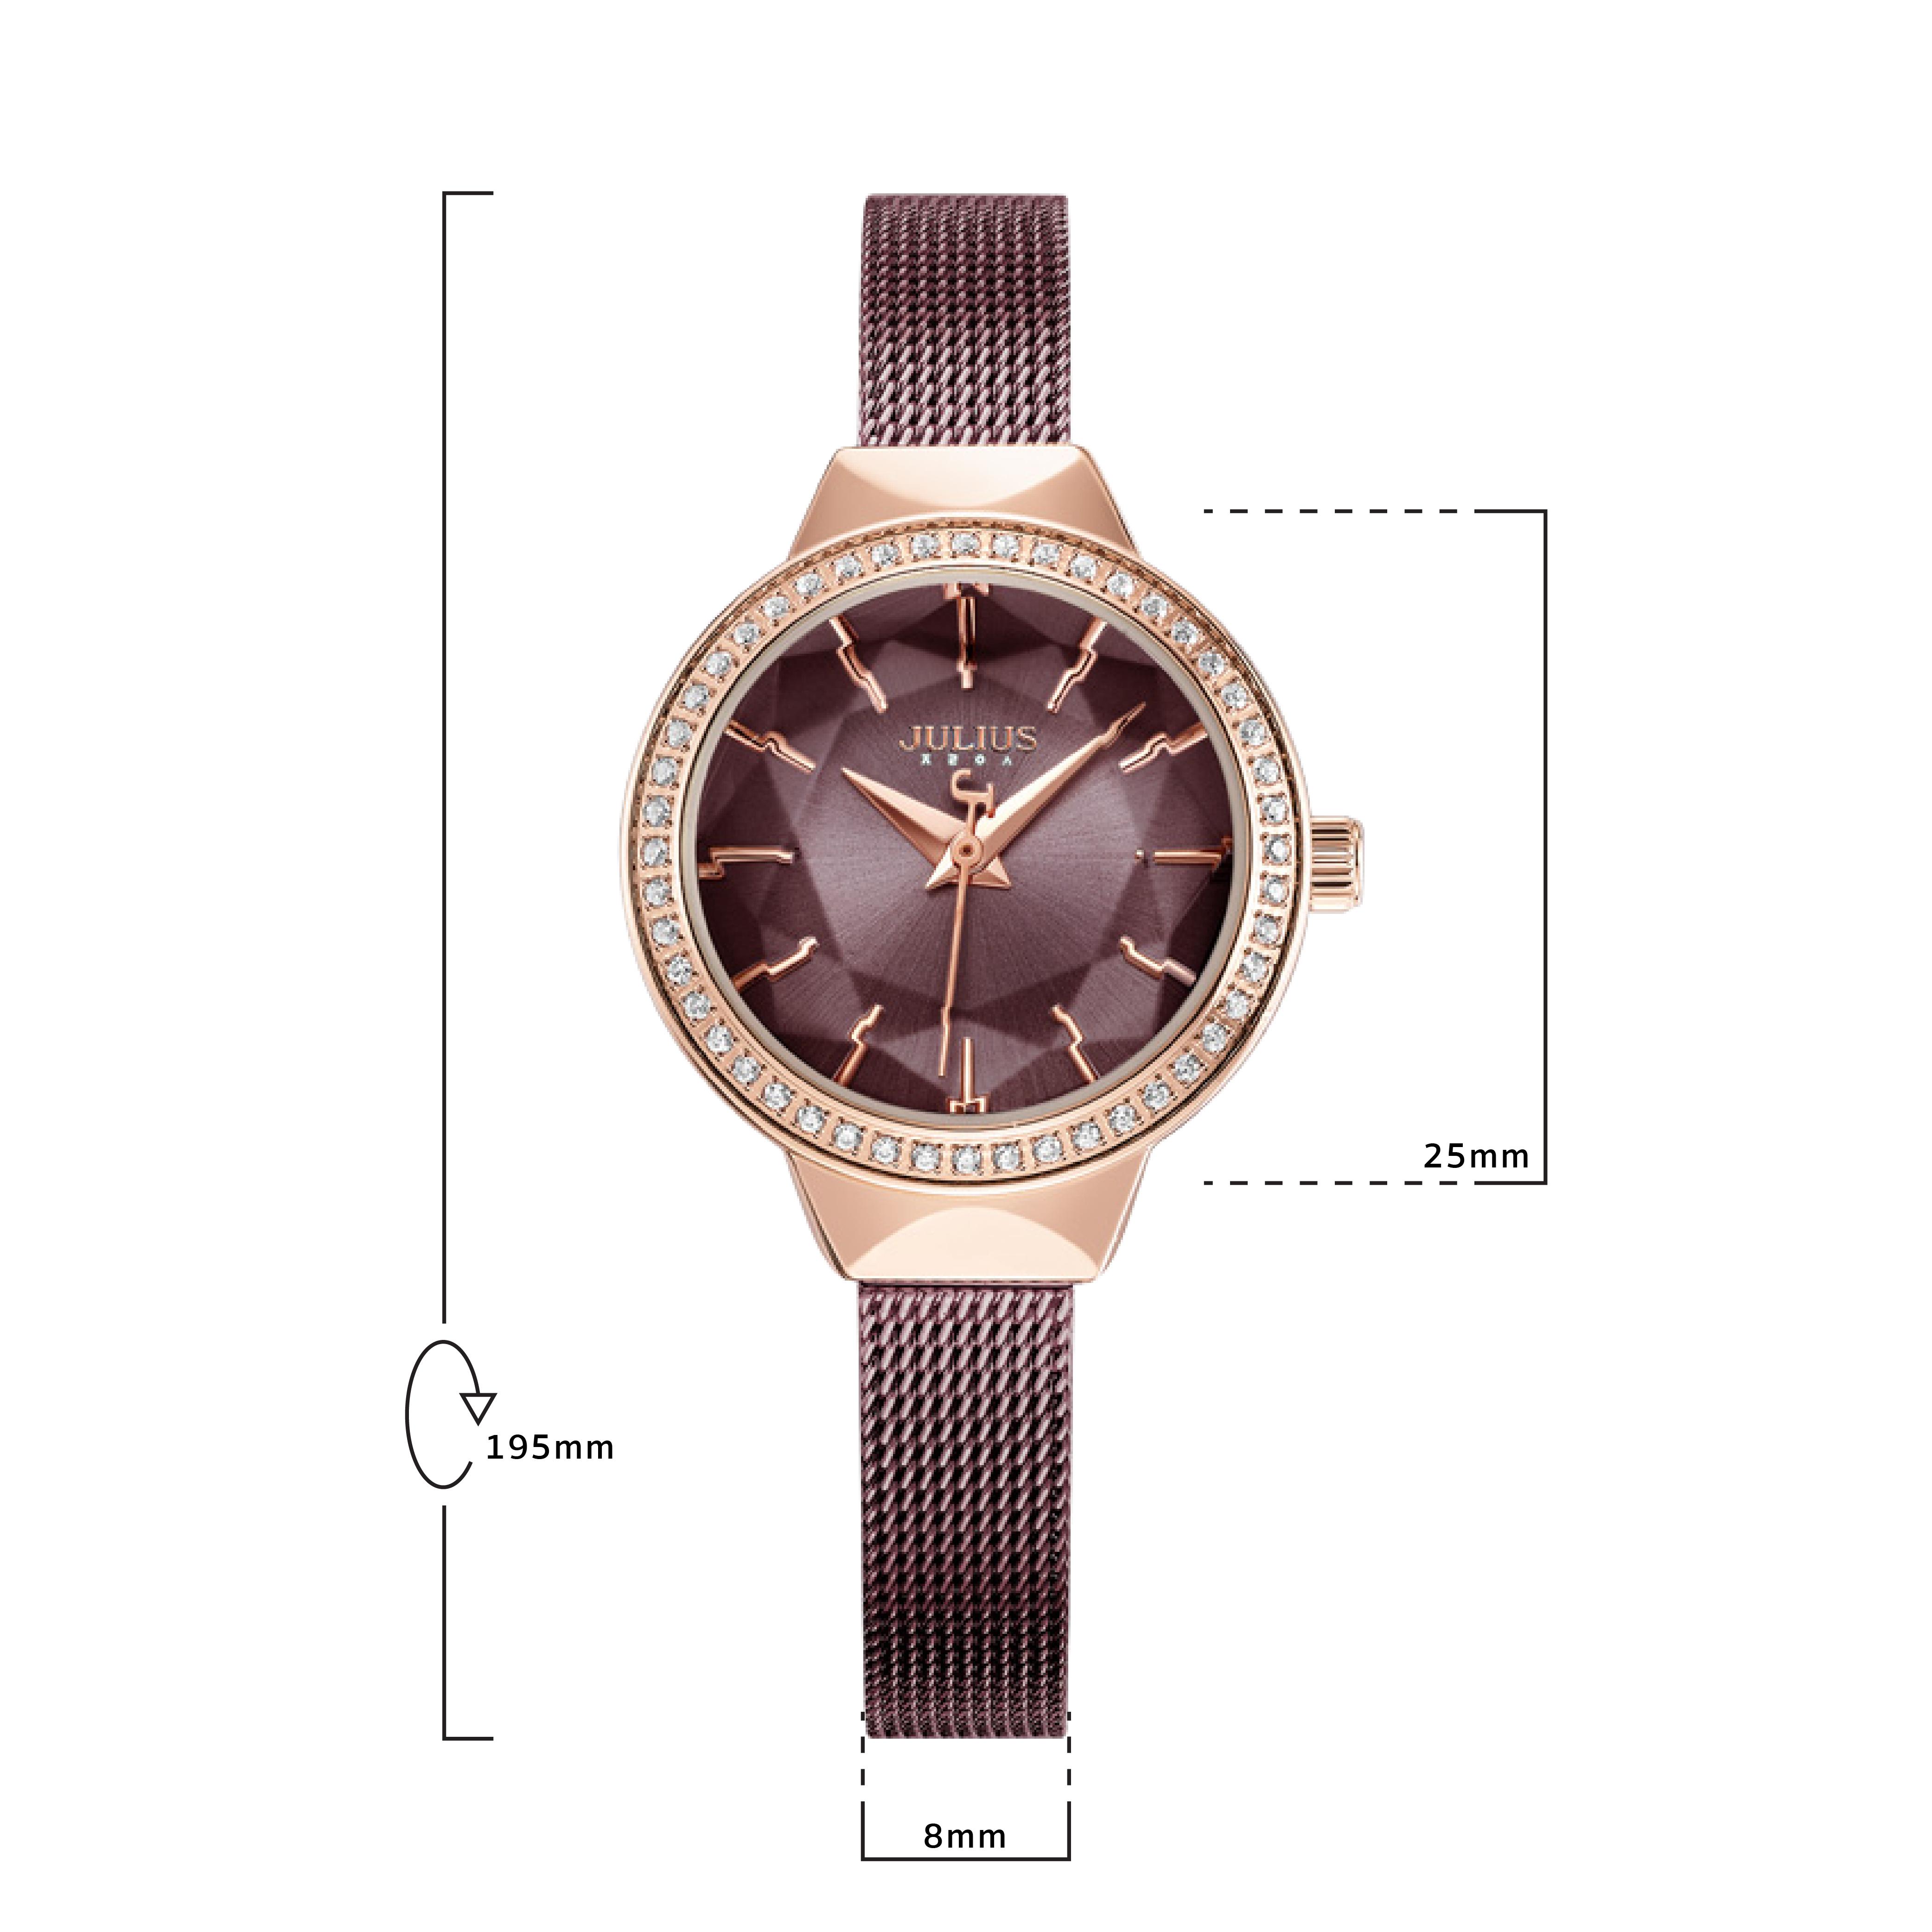 นาฬิกาข้อมือผู้หญิง JULIUS 1043C